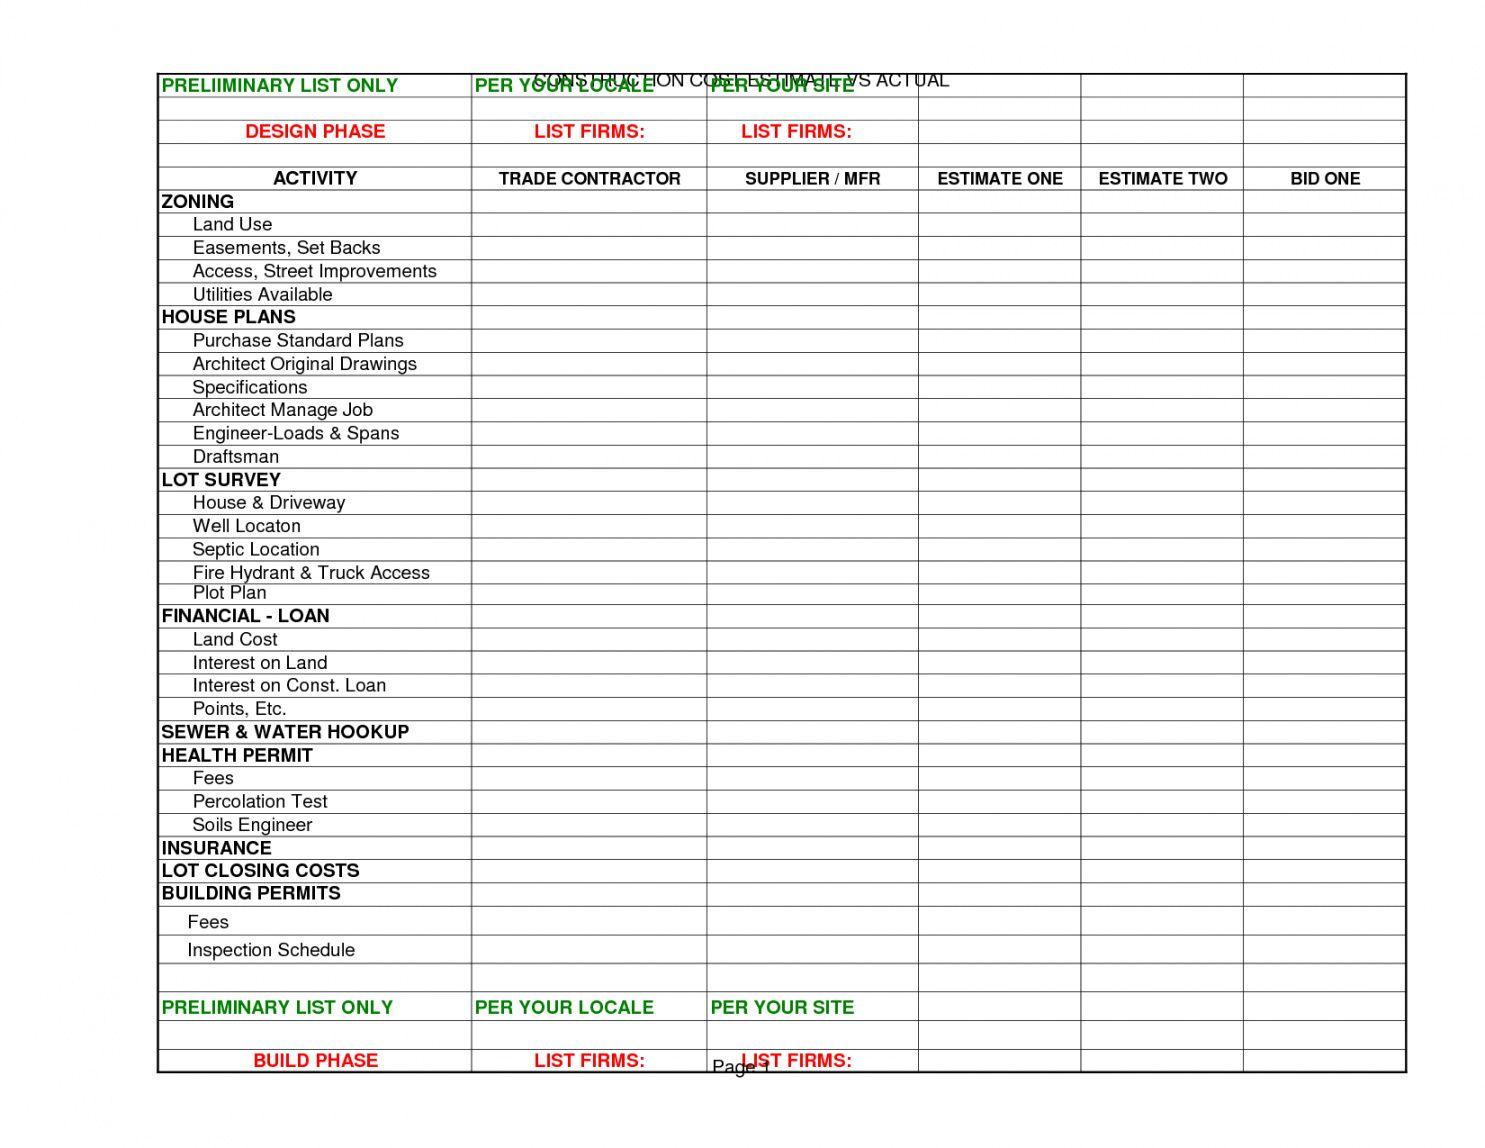 Sample Interior Design Project Spreadsheet Excel Worksheet